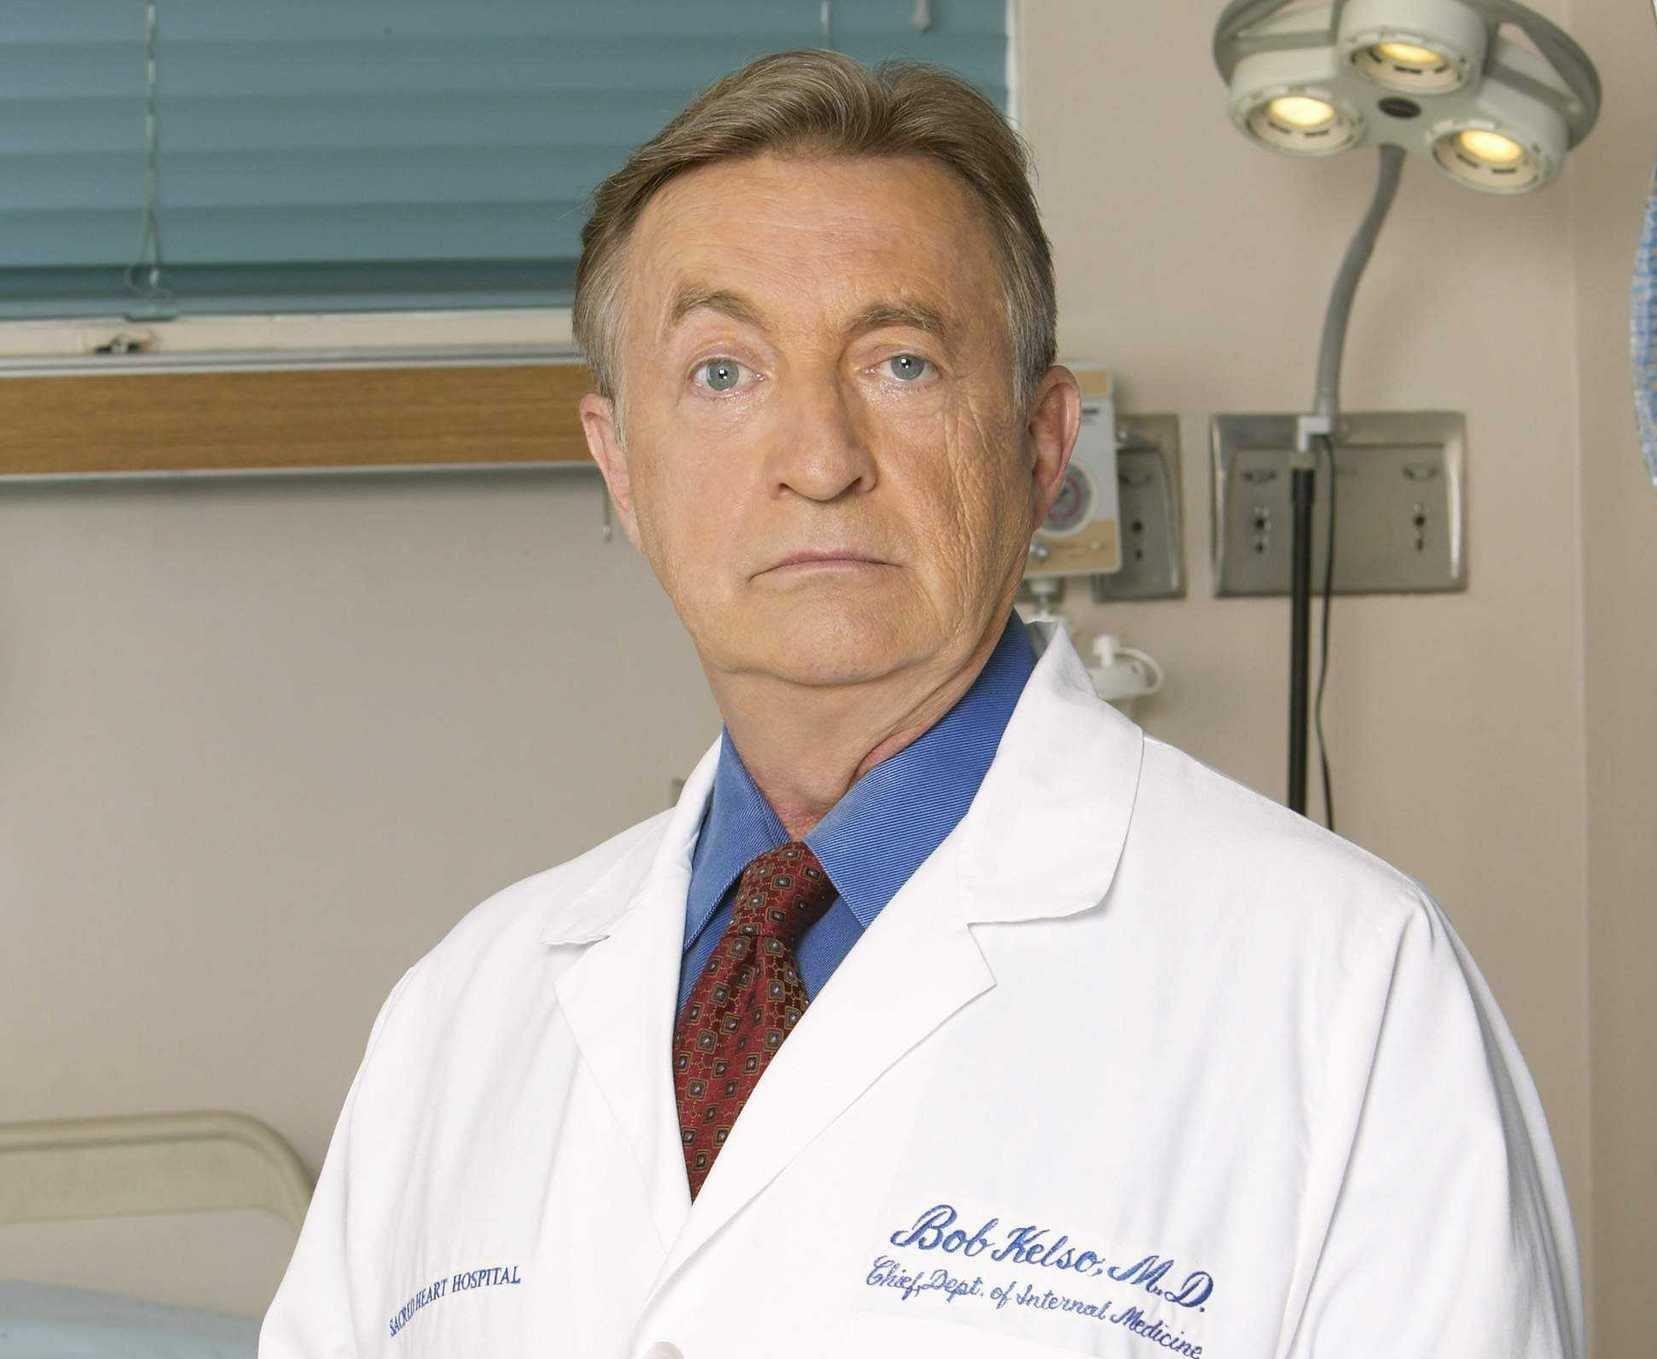 dr-kelso-dr-kelso-30805712-1707-2560.jpg